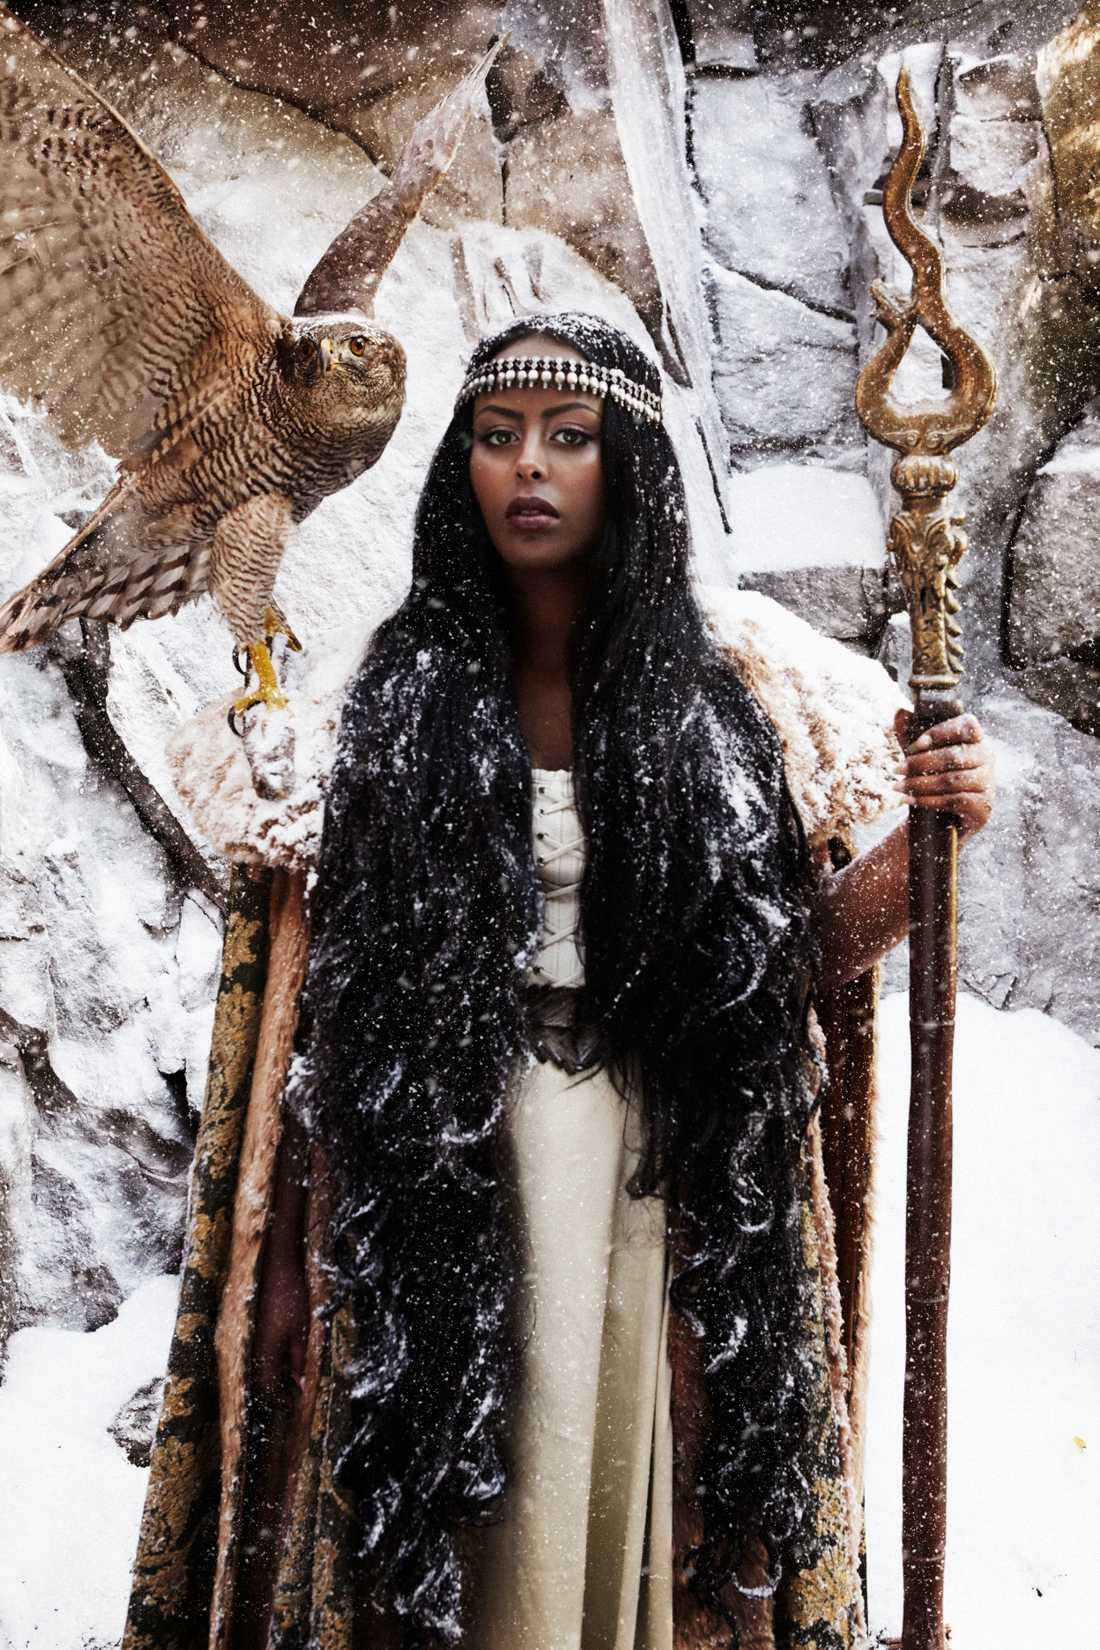 """CHERRIE (december): """"När orten rätar sin rygg står hon där, Araweelo, drottningen från de somaliska myterna. Med djärvheten på axeln, skörheten inom sig, beredd att dela. Hon är långt borta och nära, i postnummer 163. Om vi verkligen vill att inga fler unga reduceras till mörk statistik i det vita borde vi lyssna på henne. Hon hjälper oss att tolka och förmedla den värld vi alla lever våra liv i. Hennes röst hjälper oss att skapa egna rum även i en ny tid. Det är ingen saga, det är verkligheten."""""""